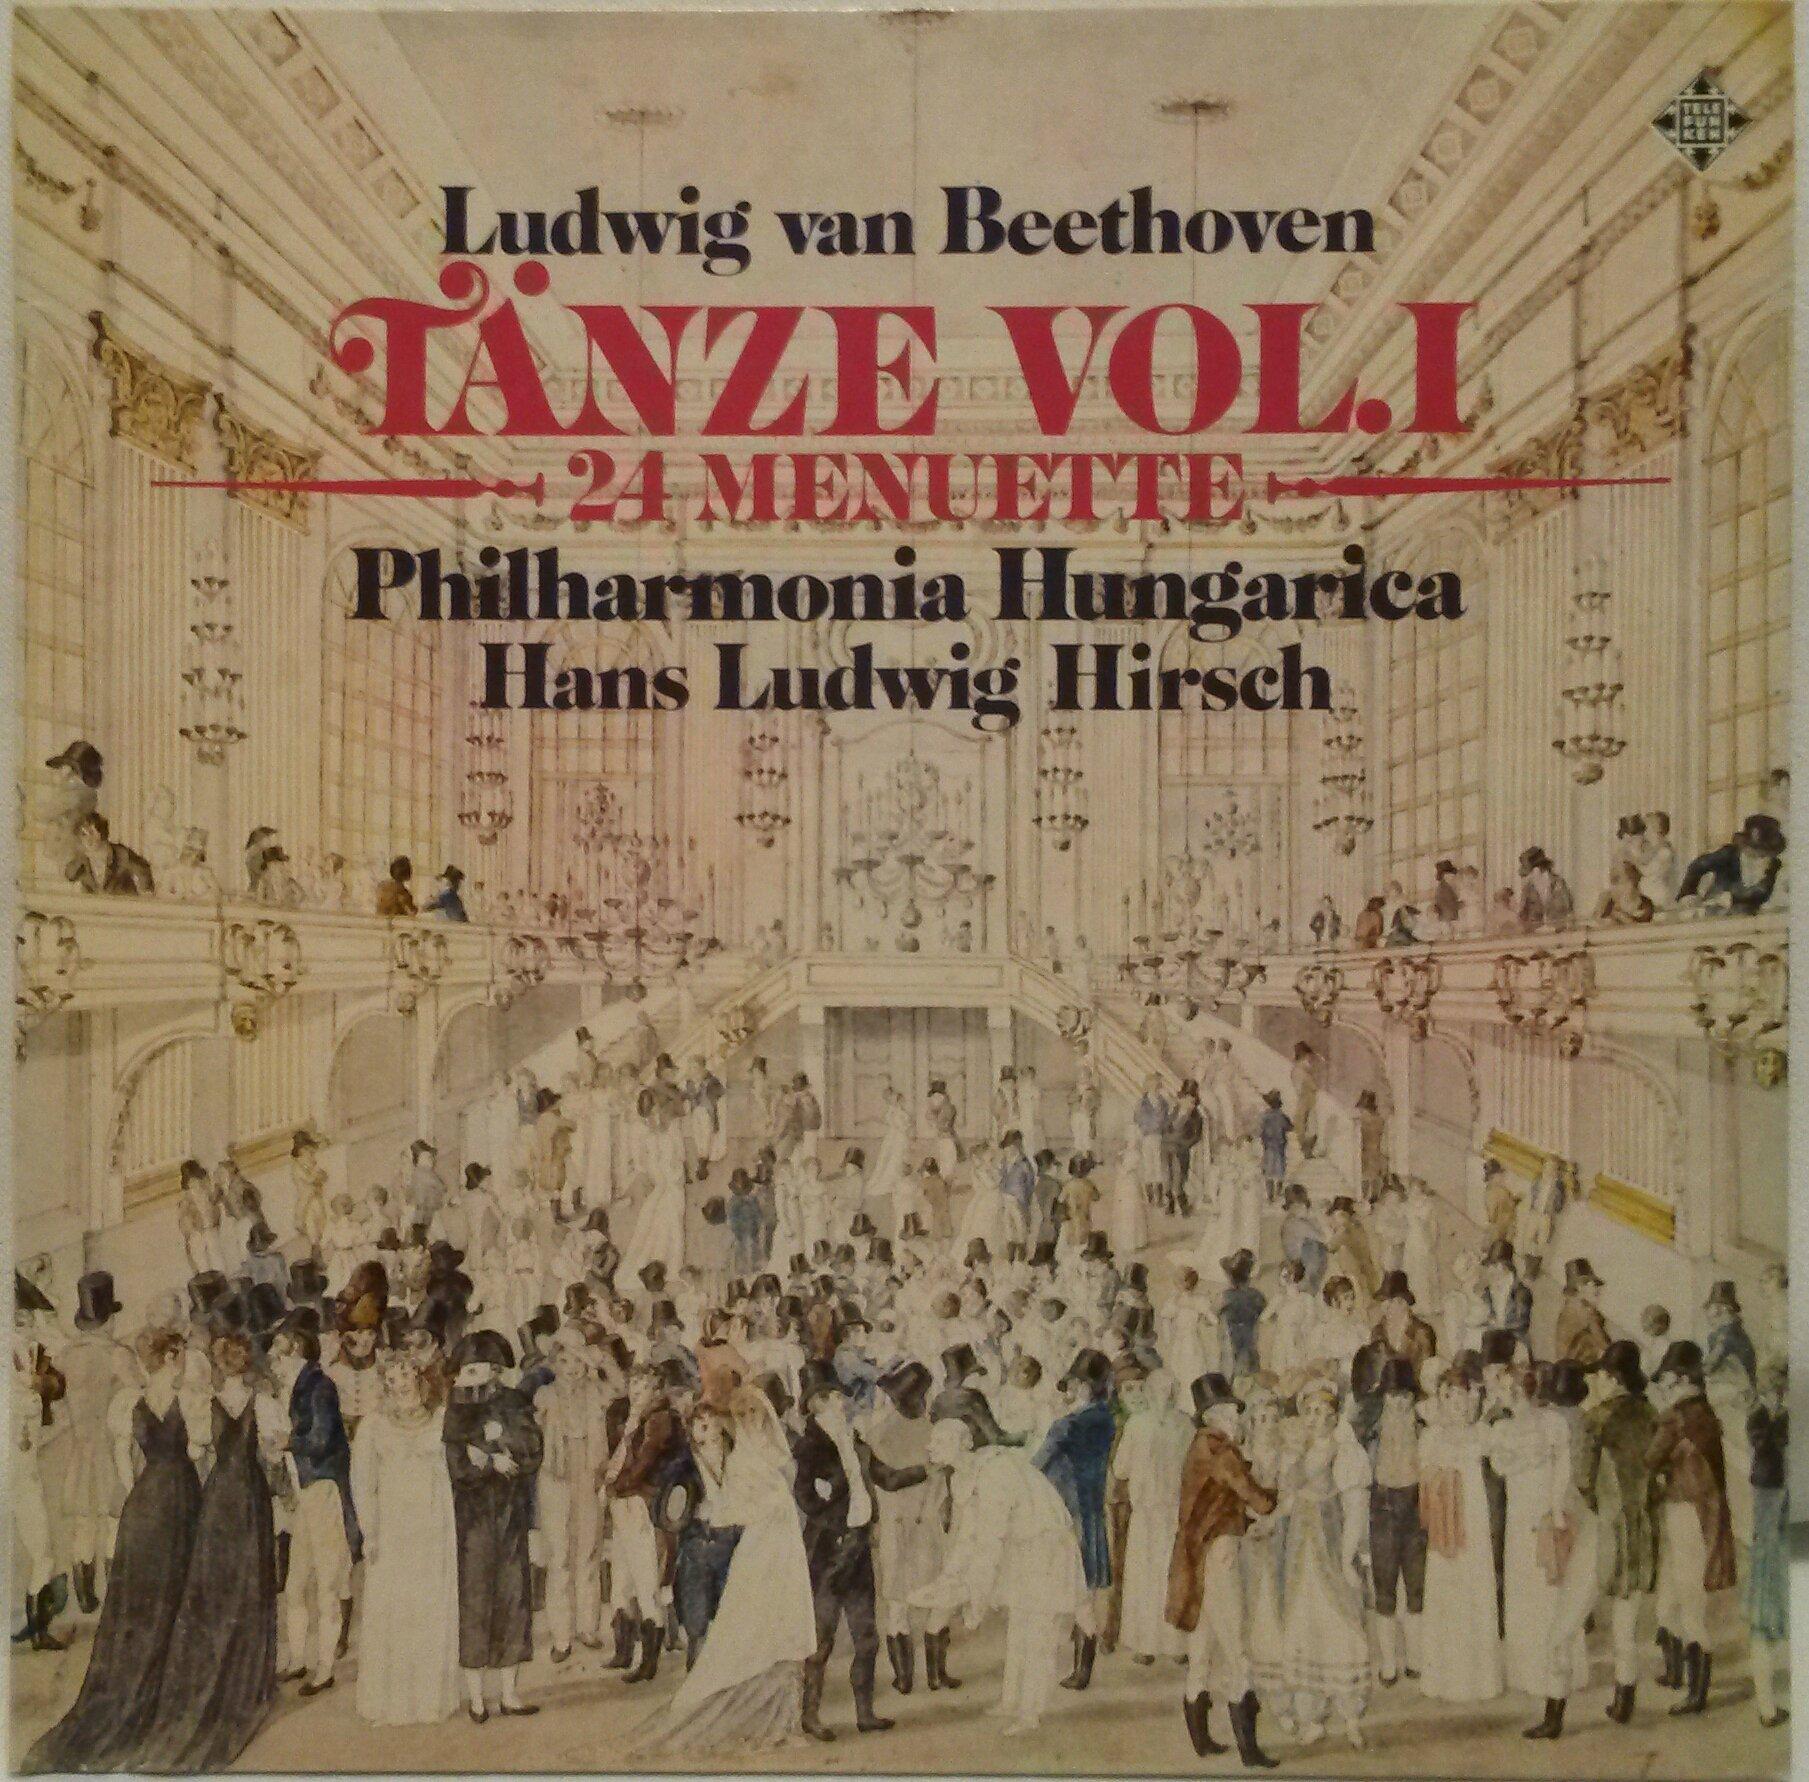 BEETHOVEN 24 MINUETS WoO 7 9 10 Hans Ludwig Hirsch Philharmonia Hungarica TELEFUNKEN 641935 LP RECORD by TELEFUNKEN